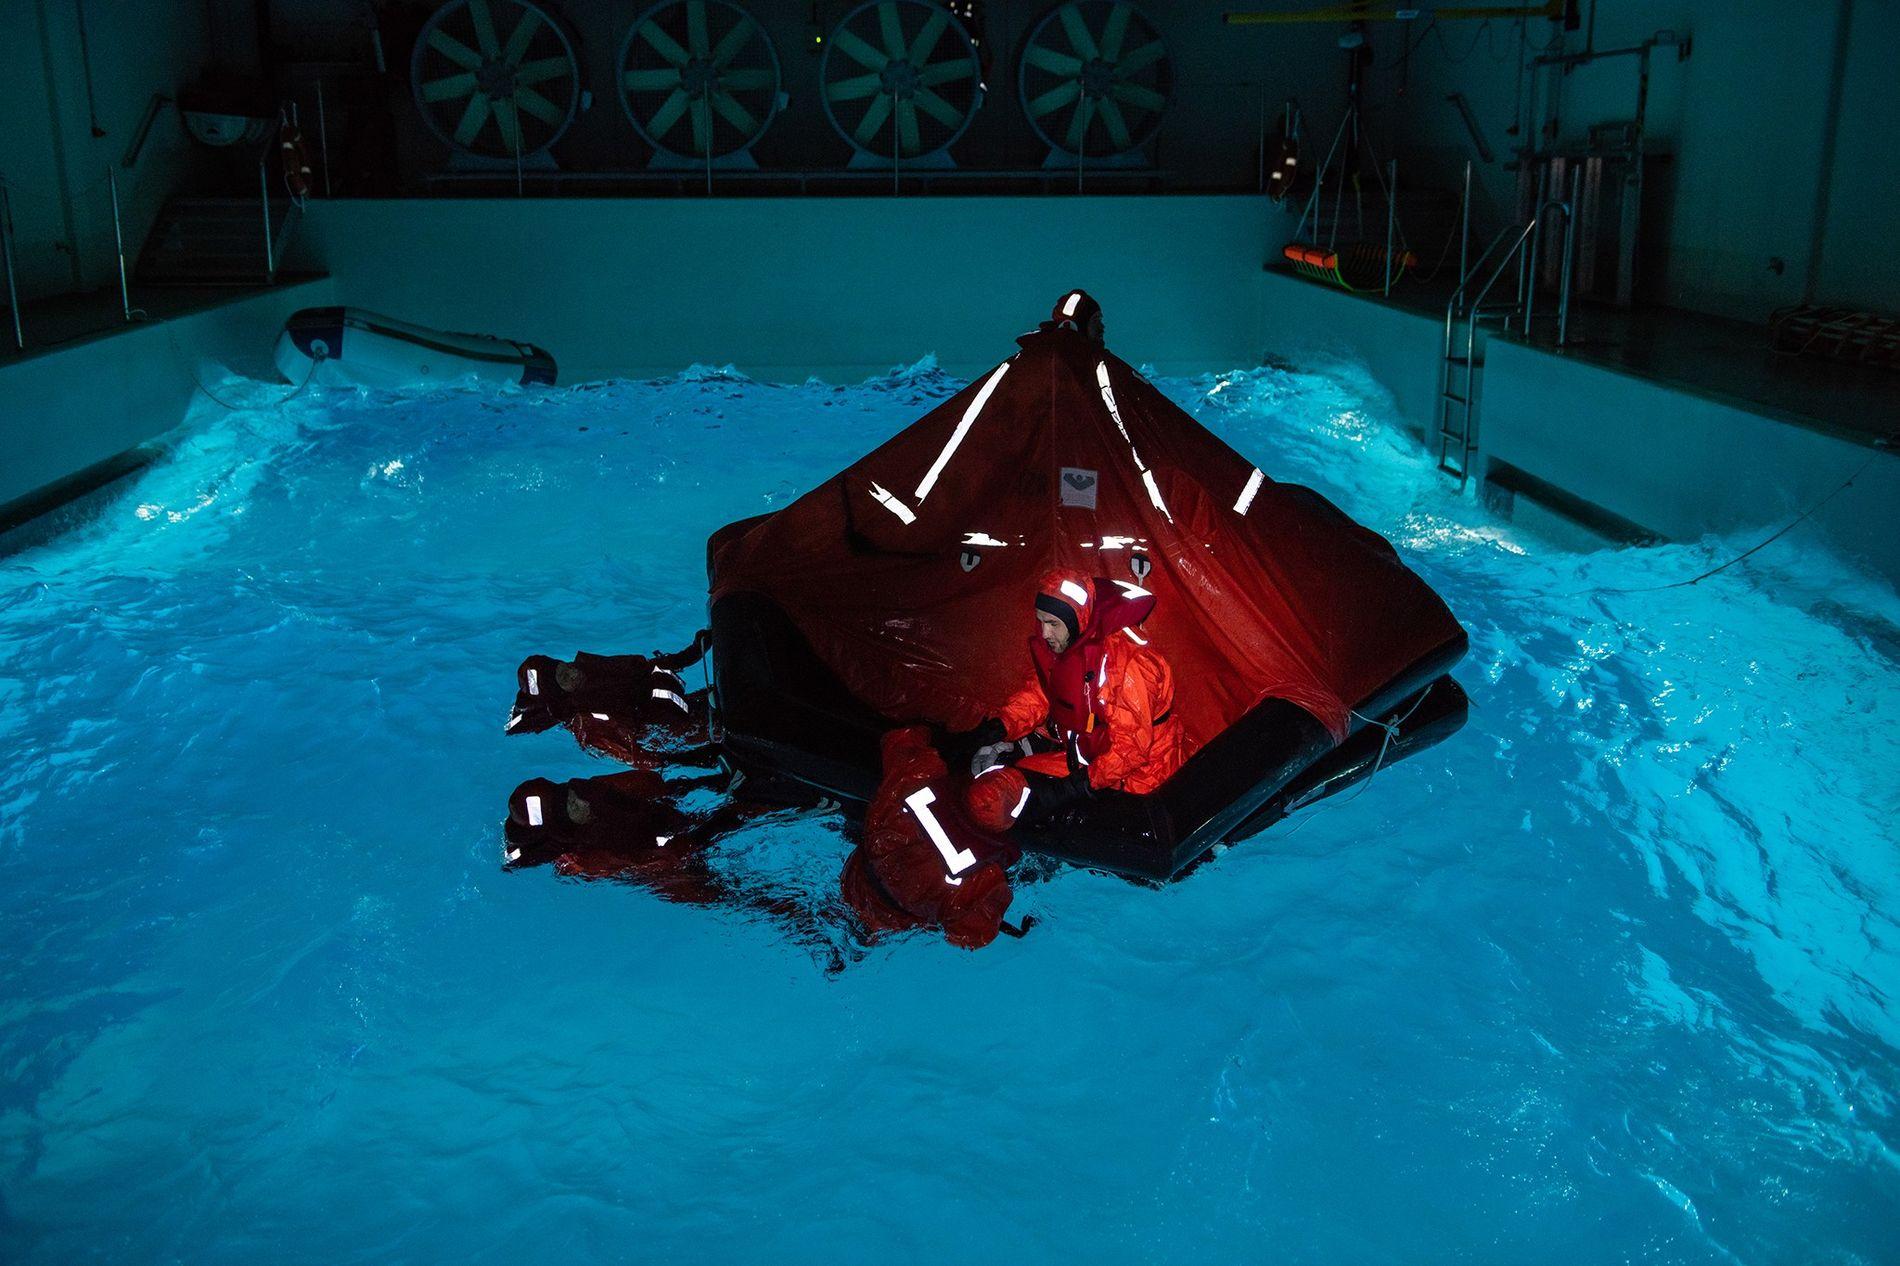 Une tempête, obscurité comprise, est simulée dans une piscine d'entraînement en Allemagne. Pour les participants aux ...